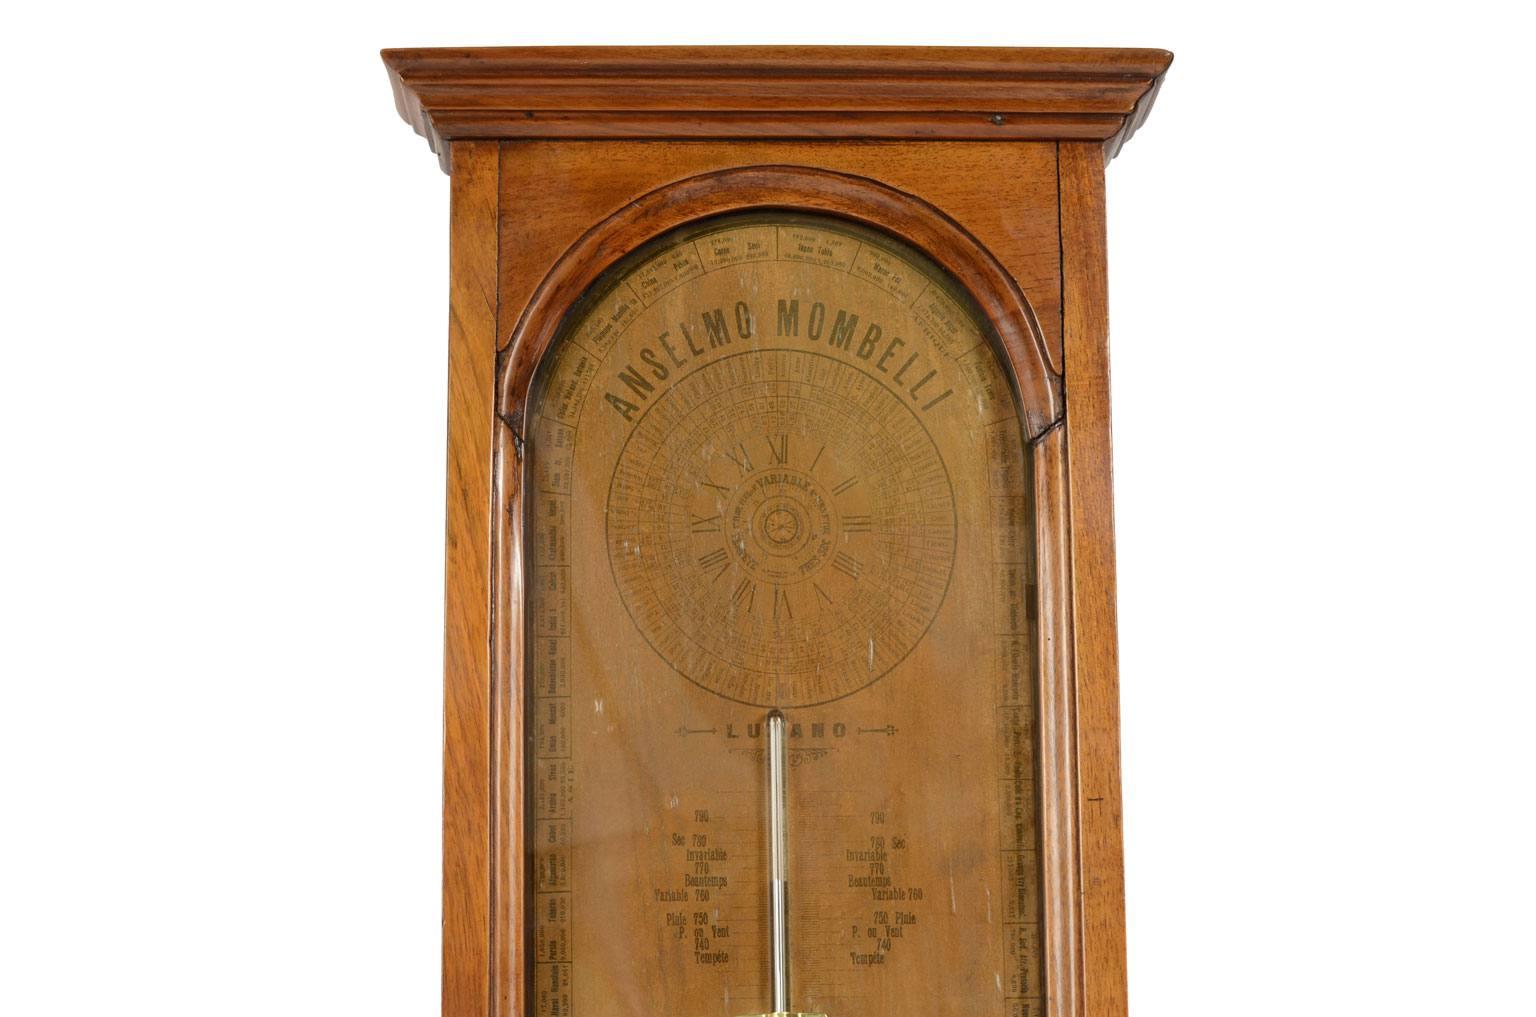 古色古香的晴雨表/4267-Mombelli 气压计